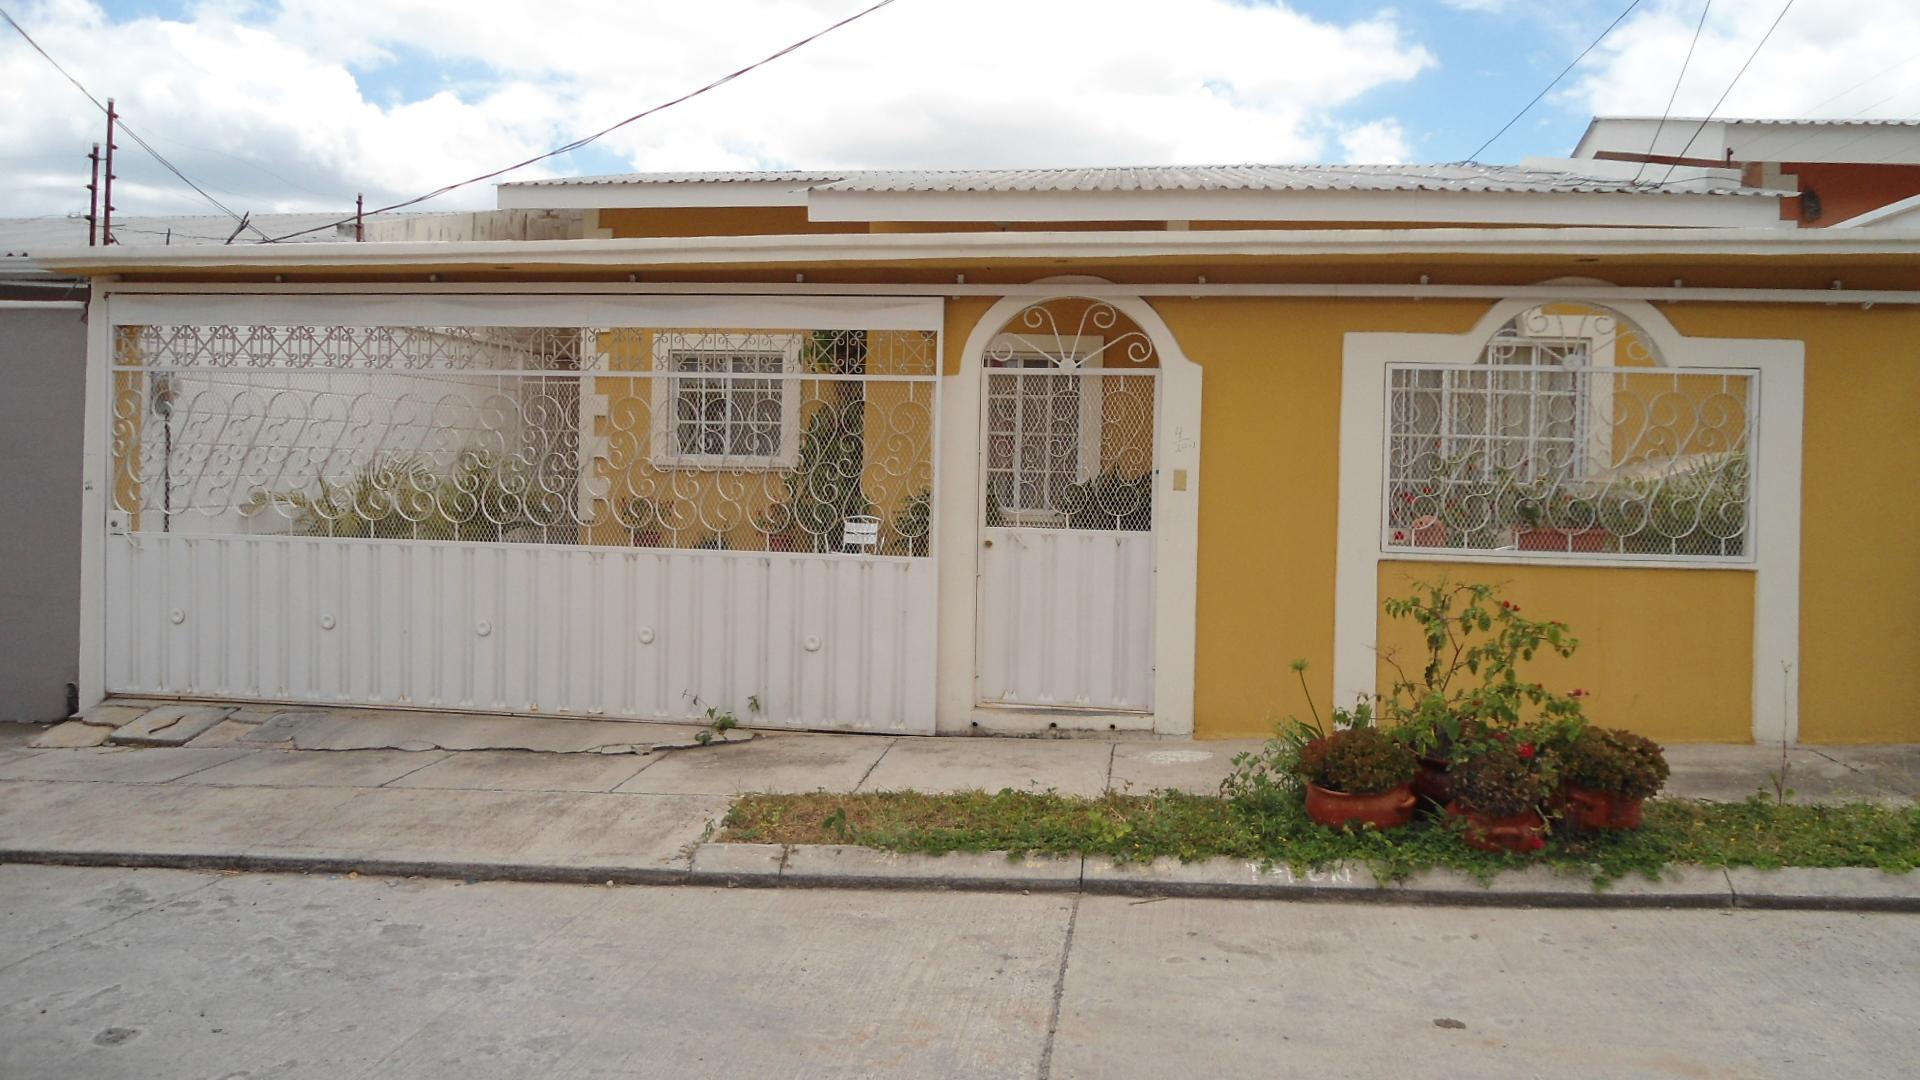 Venta de casas en honduras venta de casas en la esperanza p gina 2 de 27 en nuestro portal - Casas en subasta ...